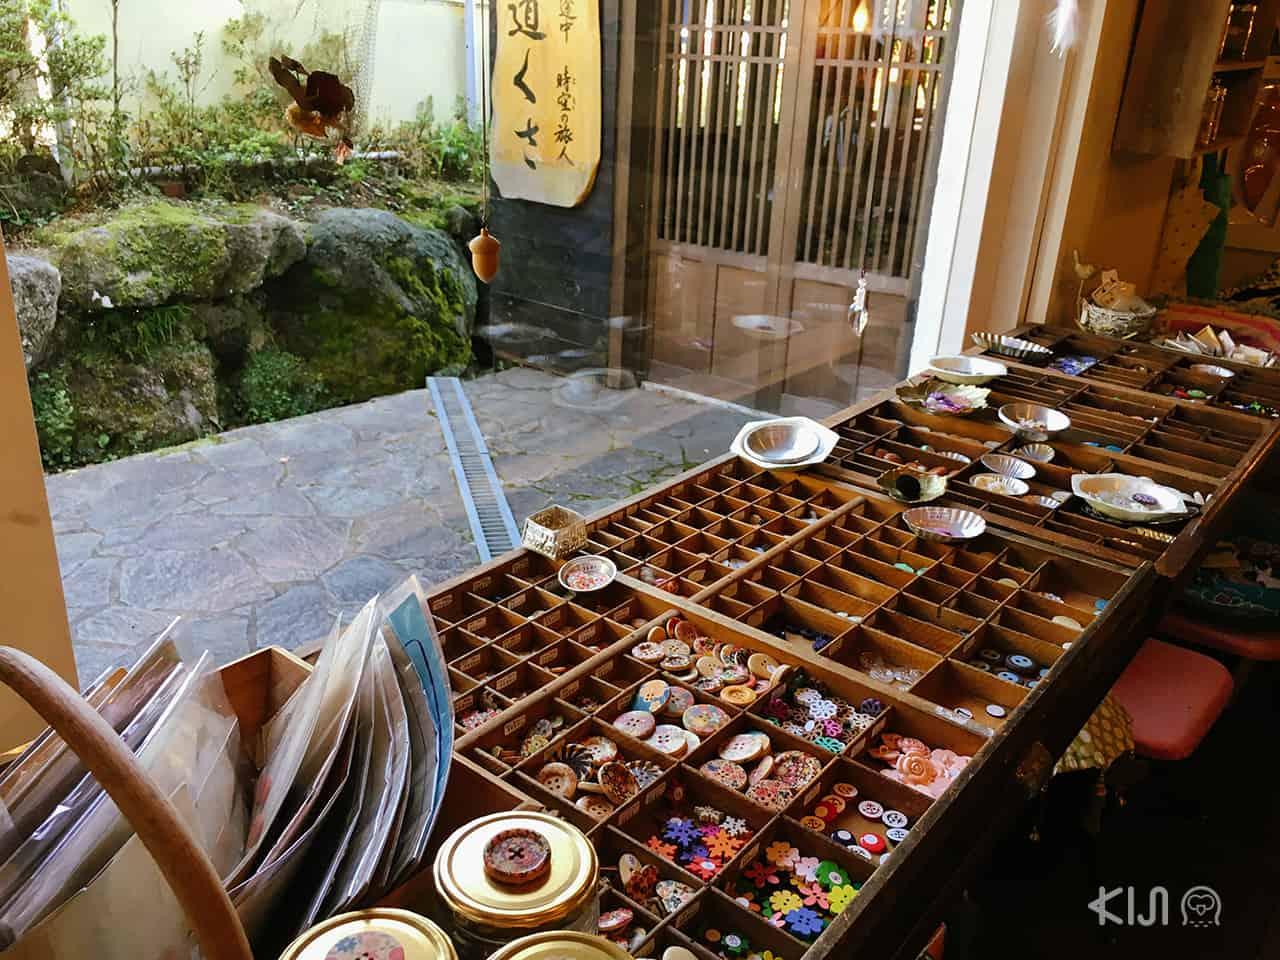 ร้านขายกระดุมน่ารักๆ ที่ Yufuin Floral Village